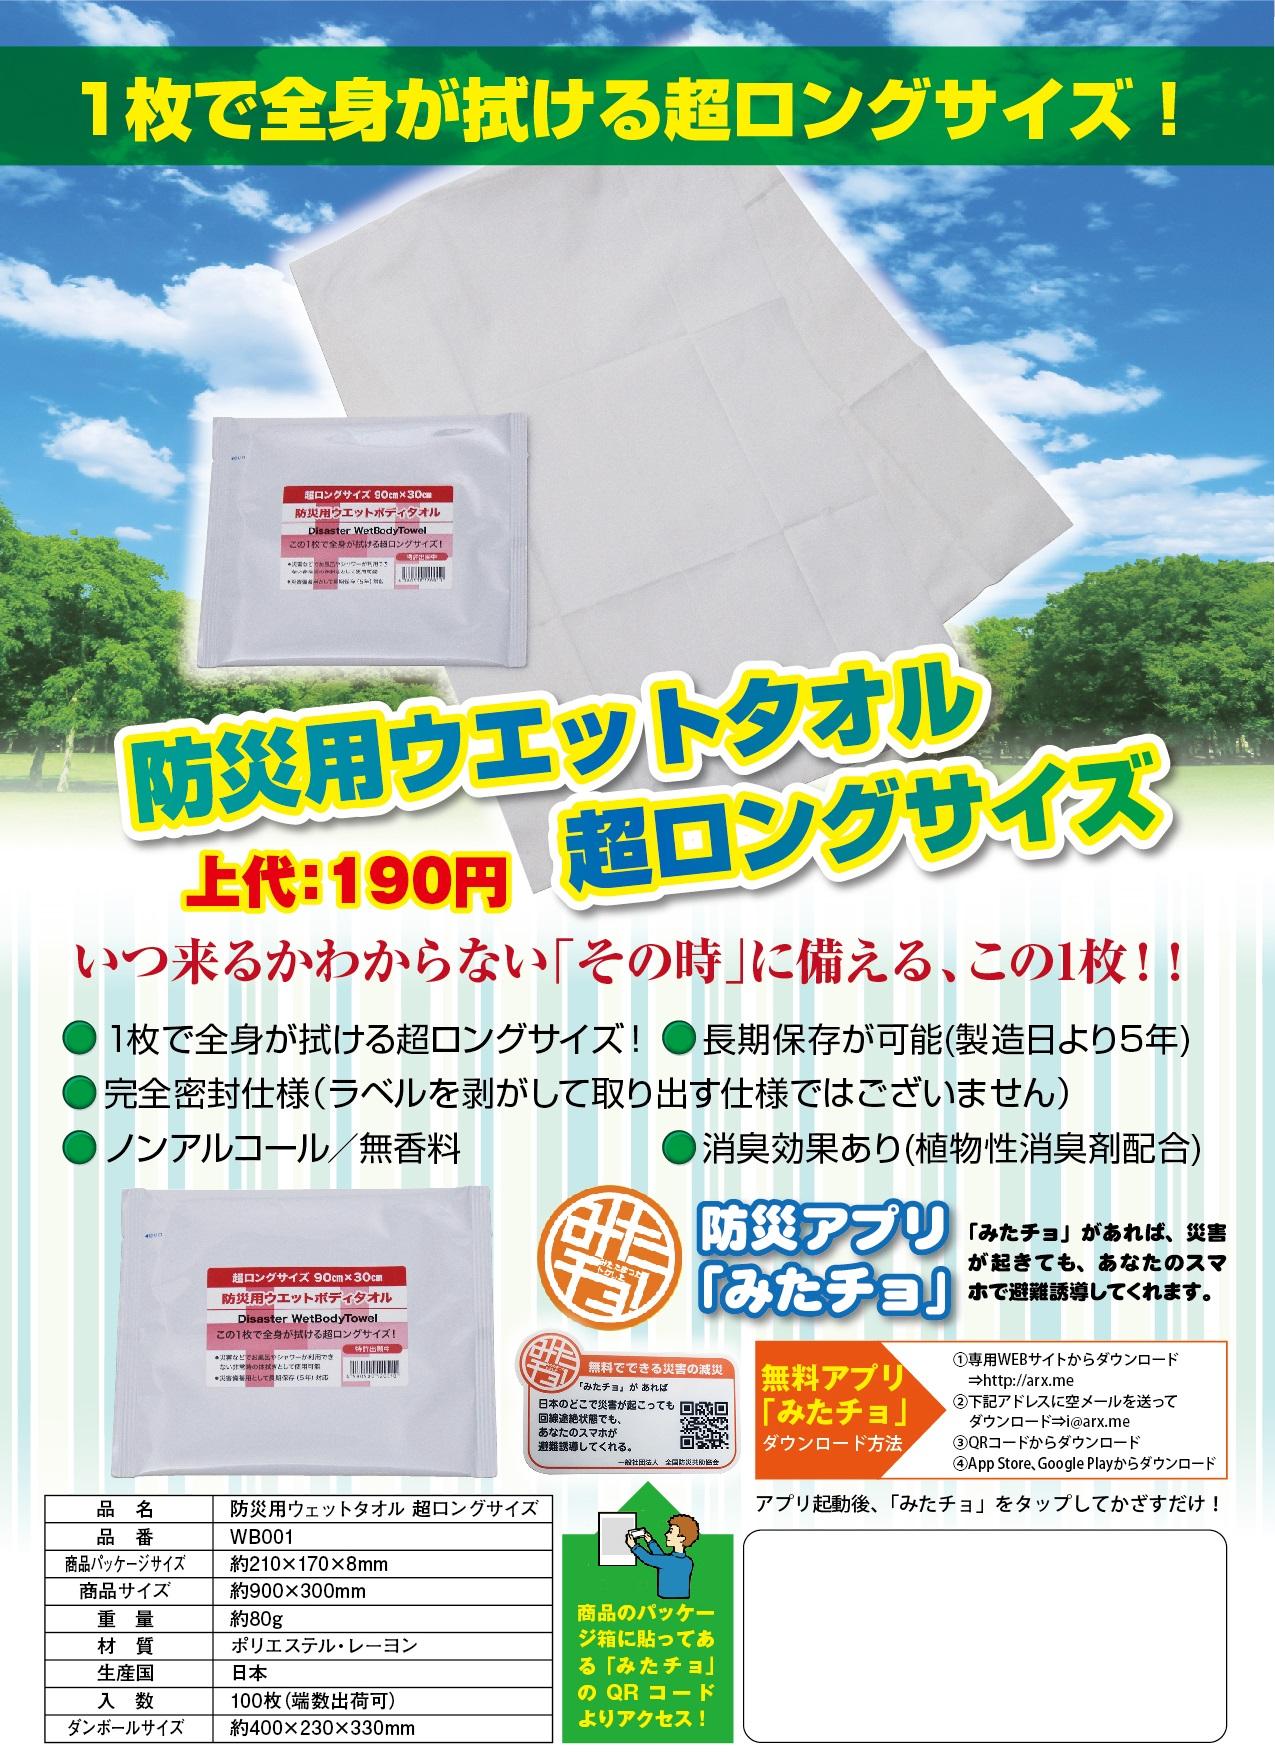 防災用ウエットタオル-超ロングタイプ-1枚で全身が拭ける超ロングサイズ!